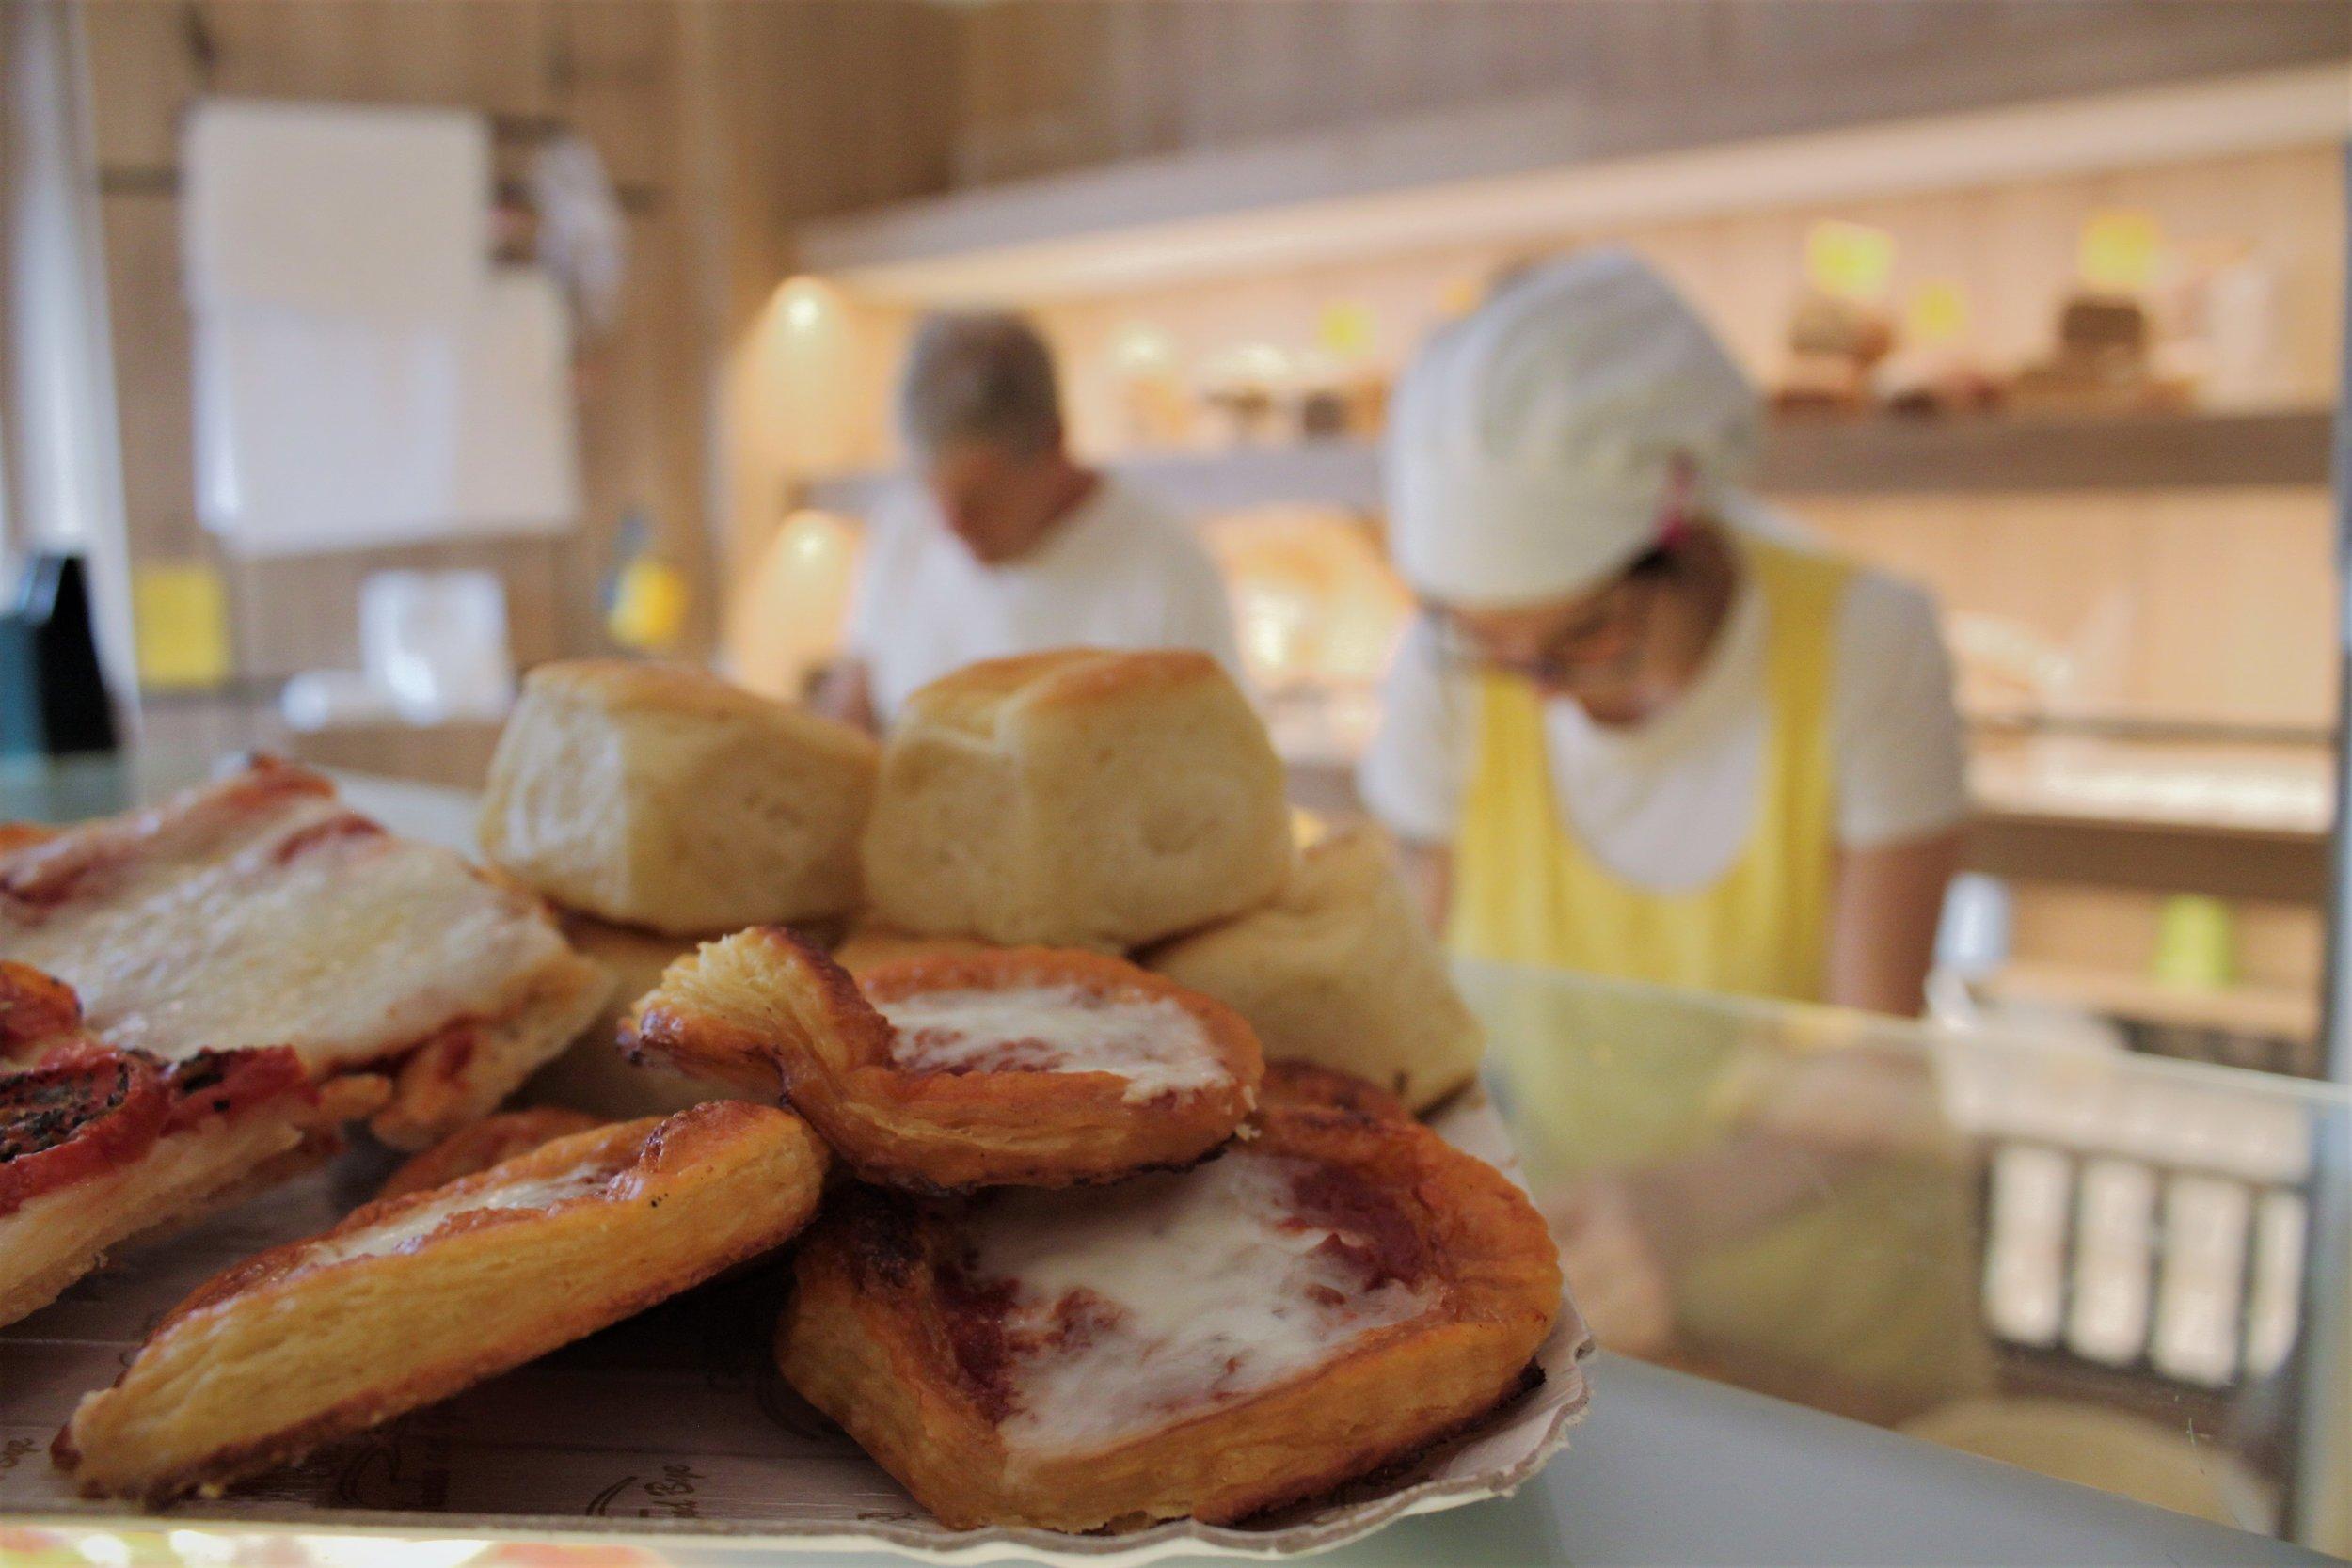 bakery food lovers.jpg